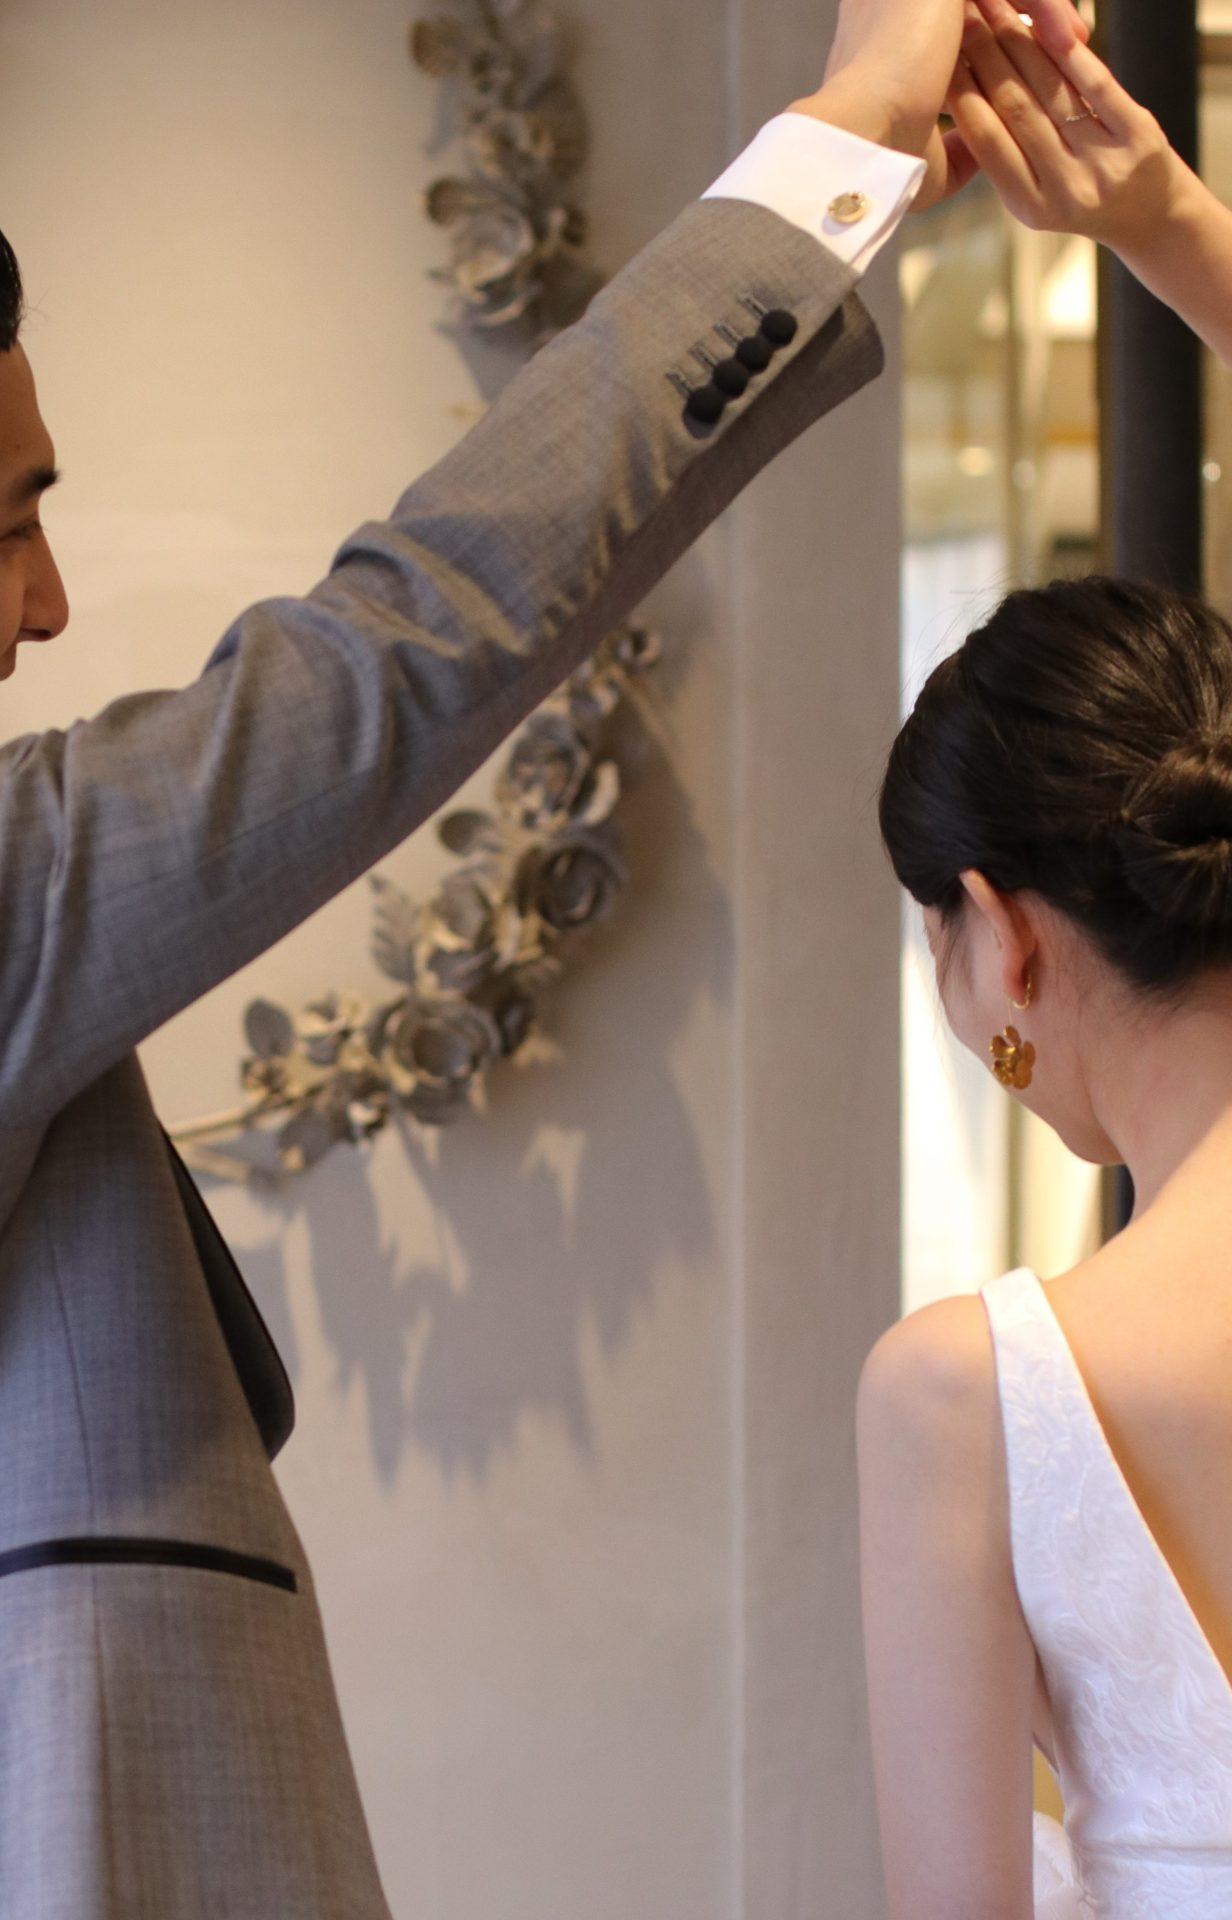 カフリンクスのカラーと結婚指輪、新婦様のイヤリング等のアクセササリーと組み合わせすると、お二人のトータルコーディネートの完成度が上がります。